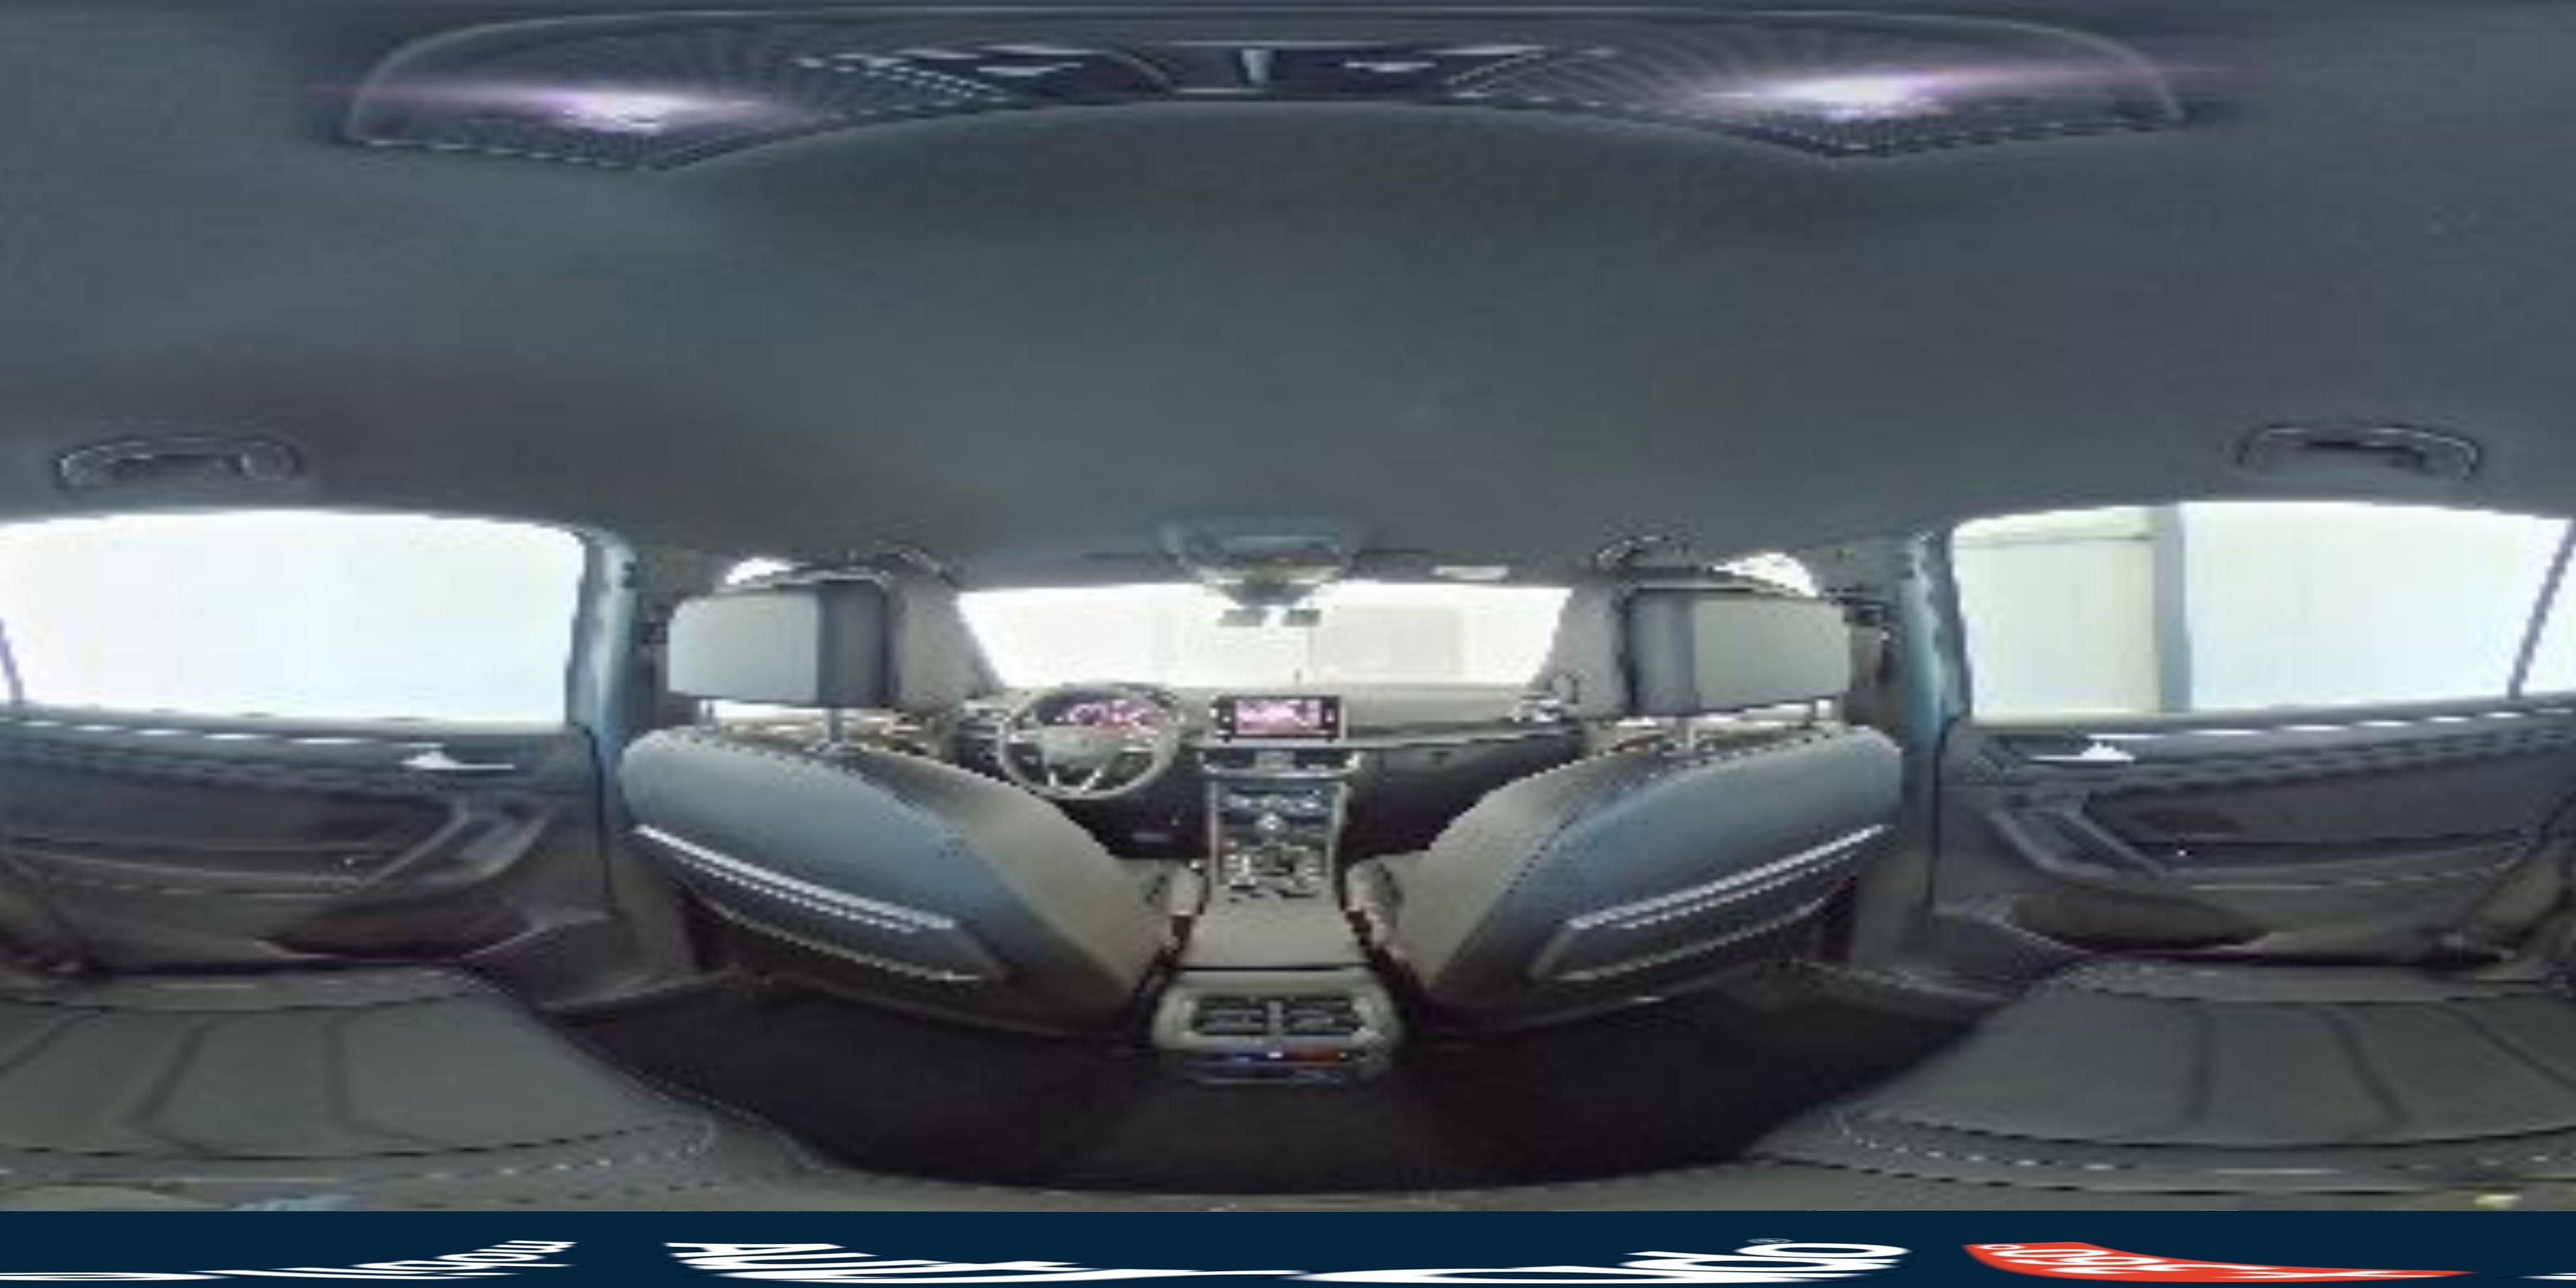 Seat Tarraco Xcellence WLTP Vollausstattung GVL 36 Mon. 2.0 TDI DSG 4Drive 140kW / 190PS